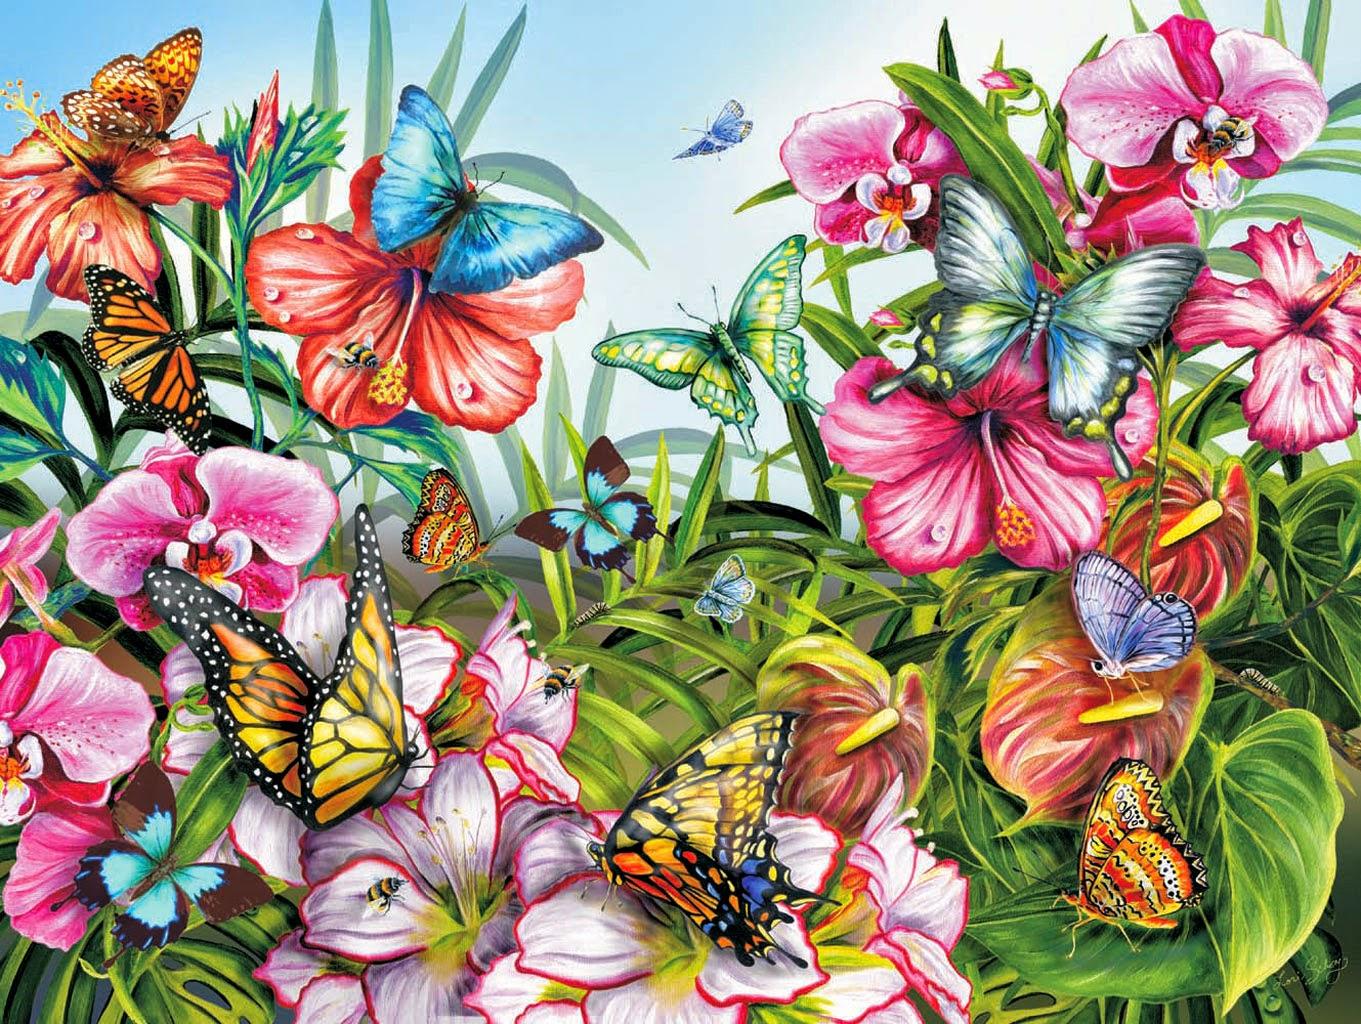 flores jardim secreto:Com a nova onda dos livros de colorir para adultos, O Jardim Secreto